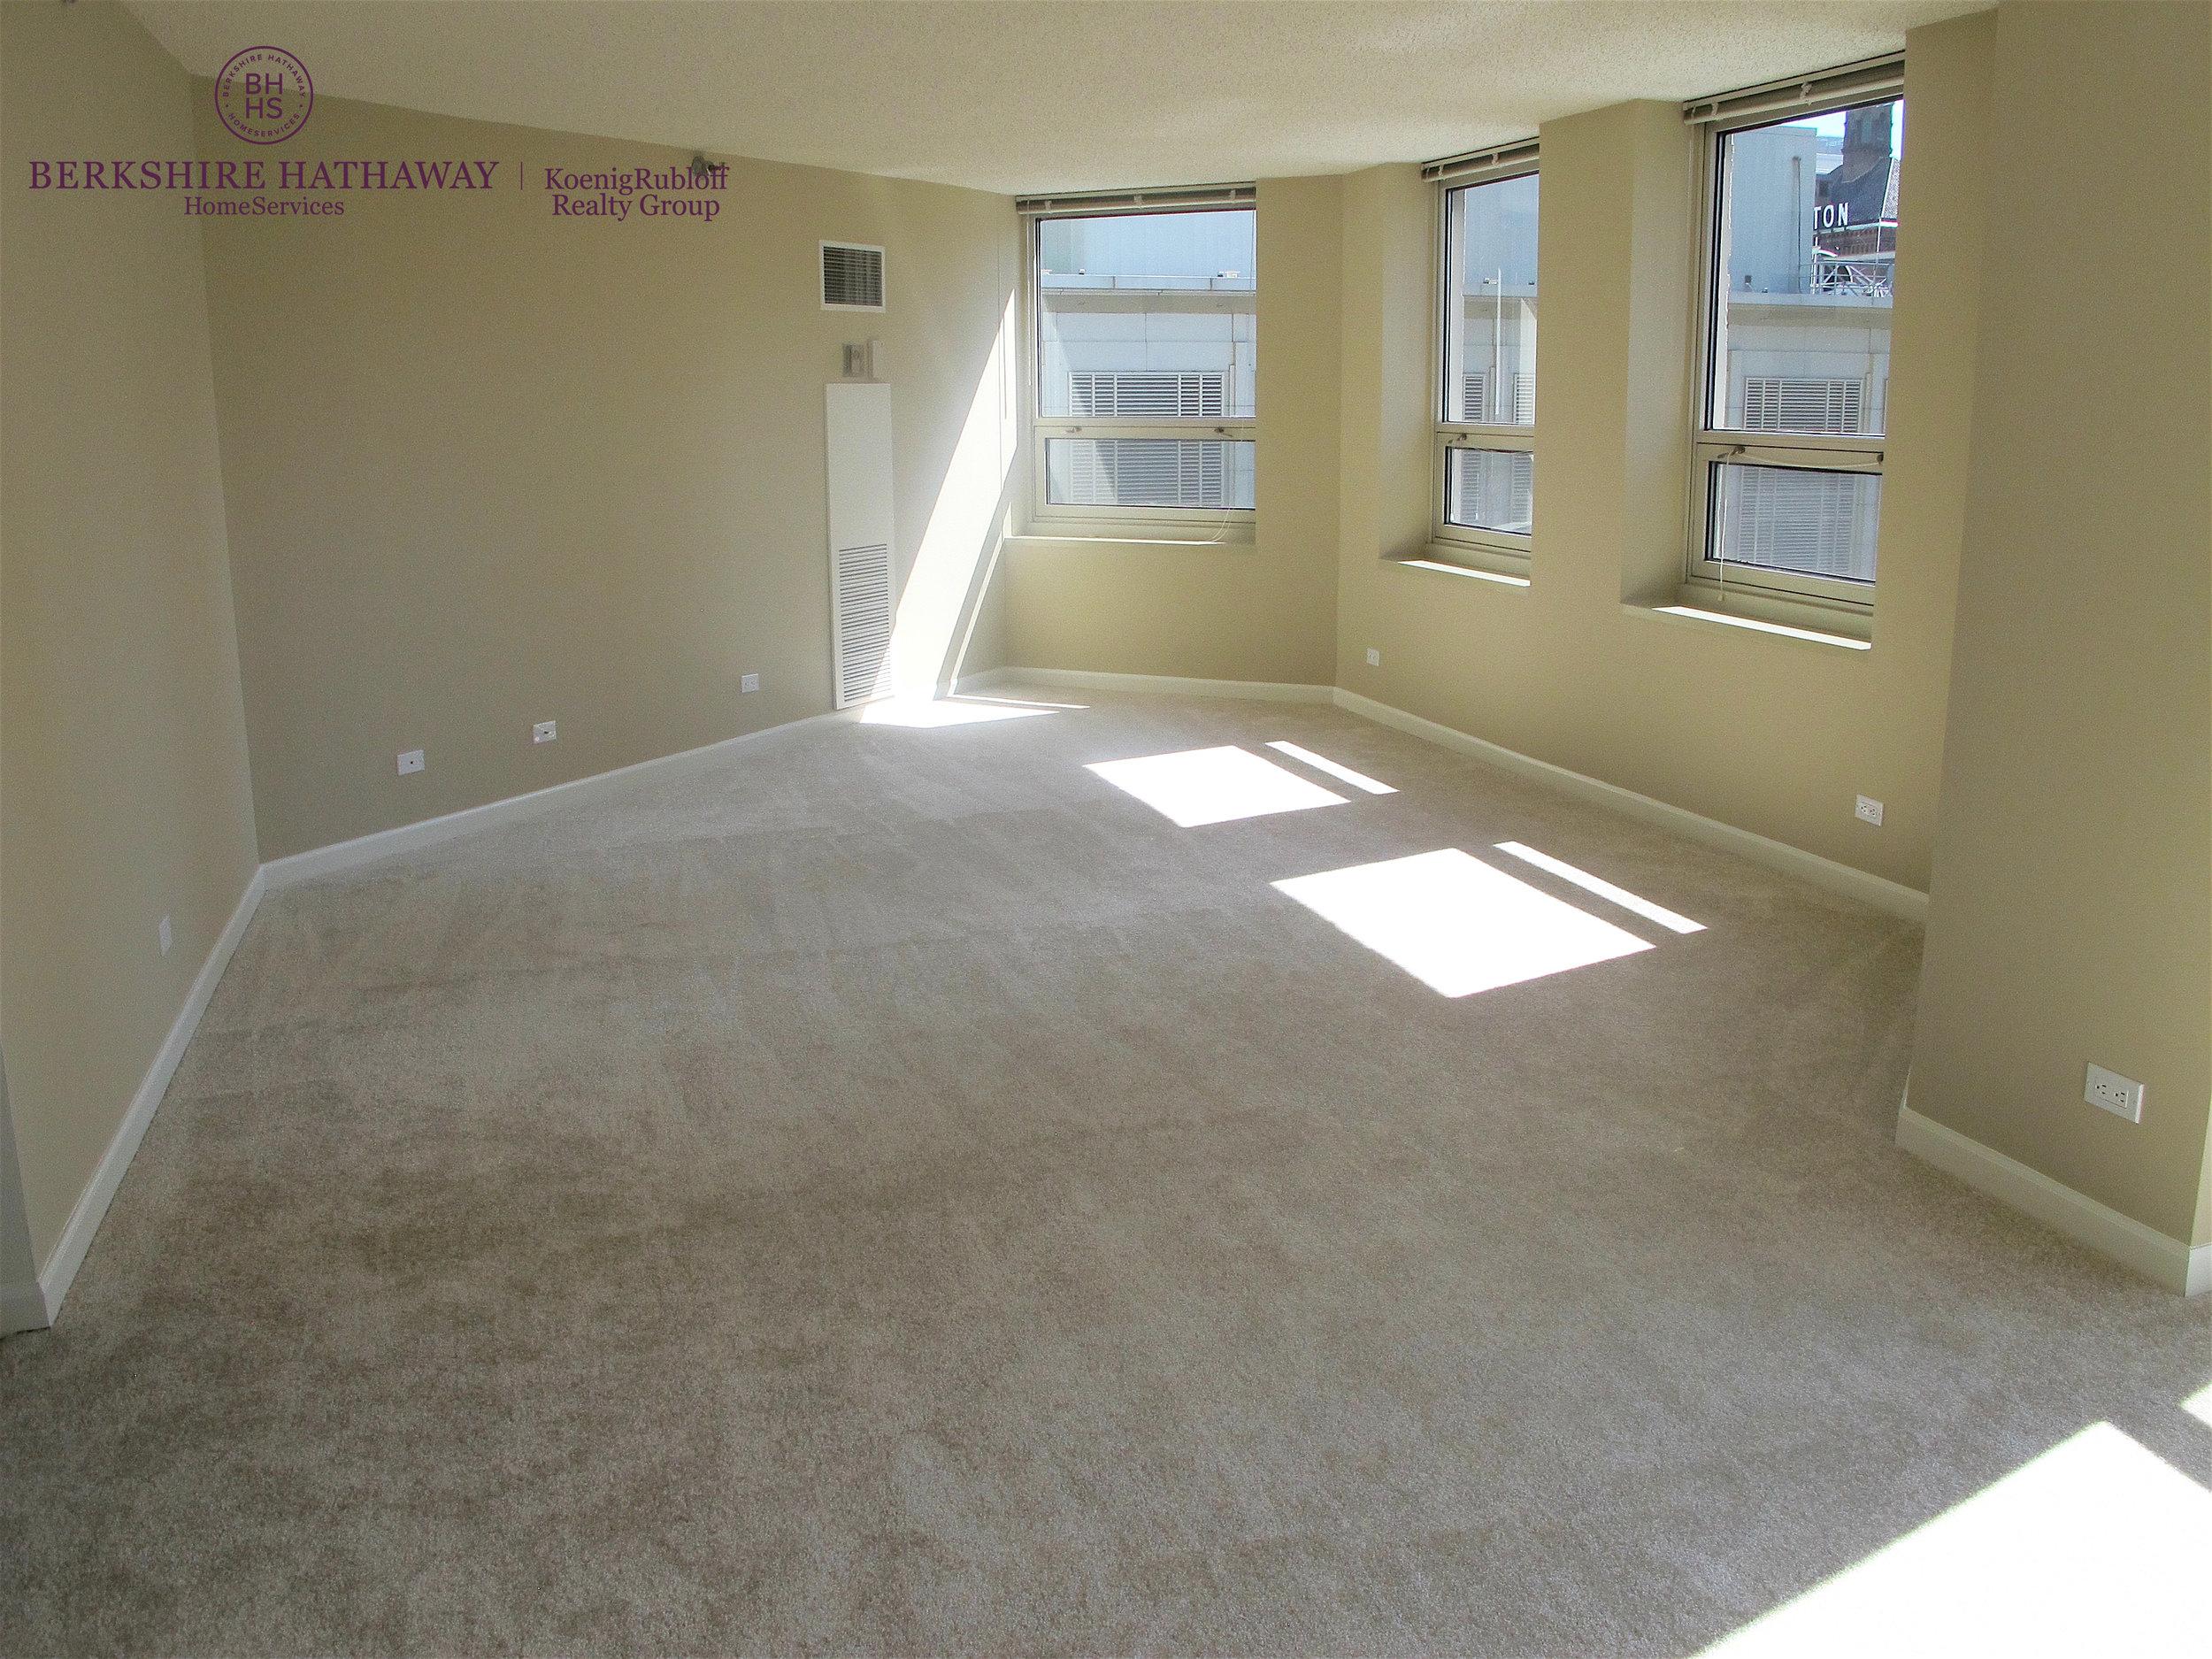 Living Room Carpet.jpg